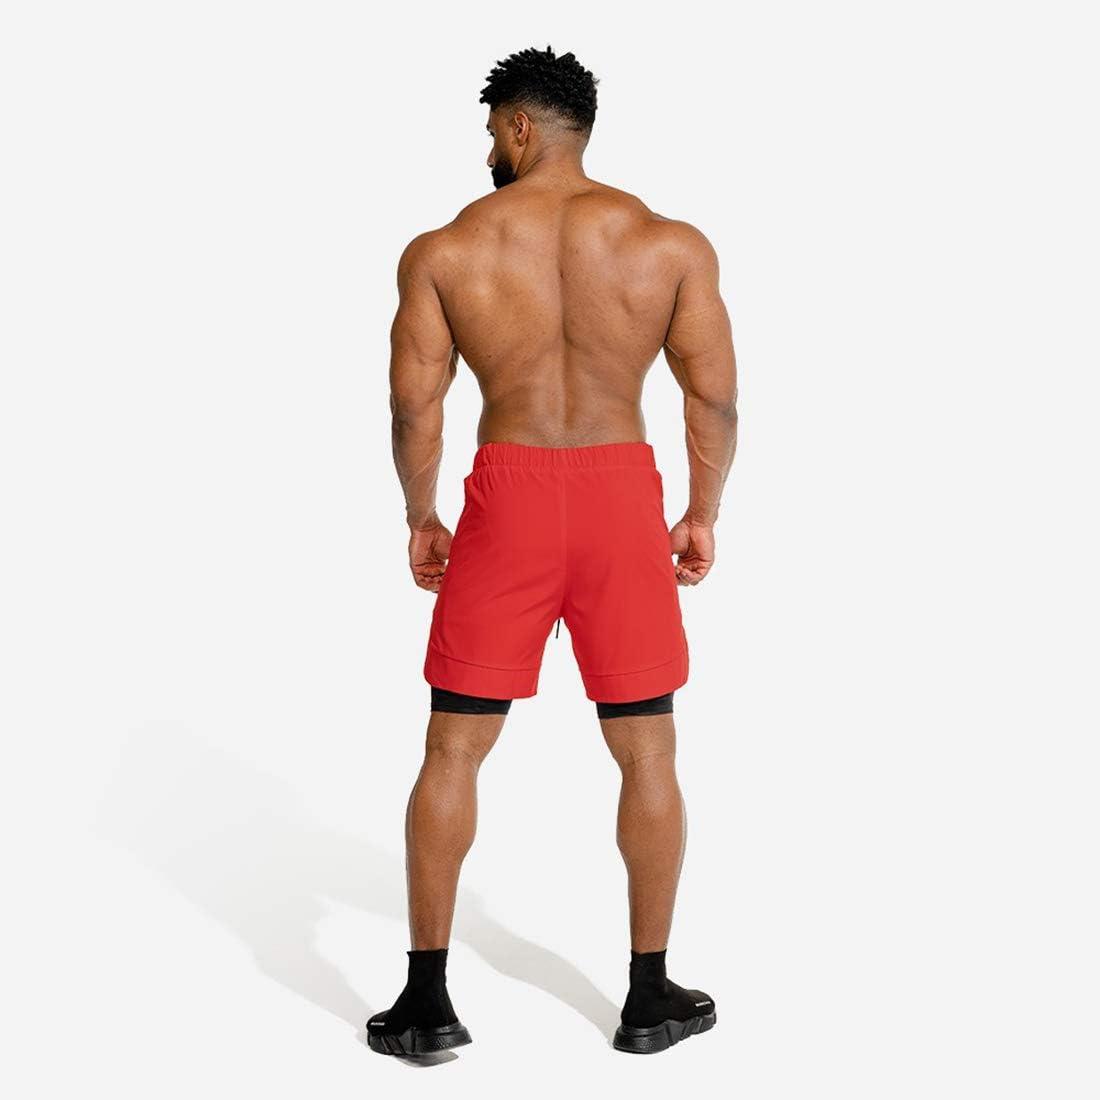 Laufshorts mit Tasche ultraleichte Trainings-Jogging-Radhose Herren-Sportshorts atmungsaktive Doppelschicht-Turnhose